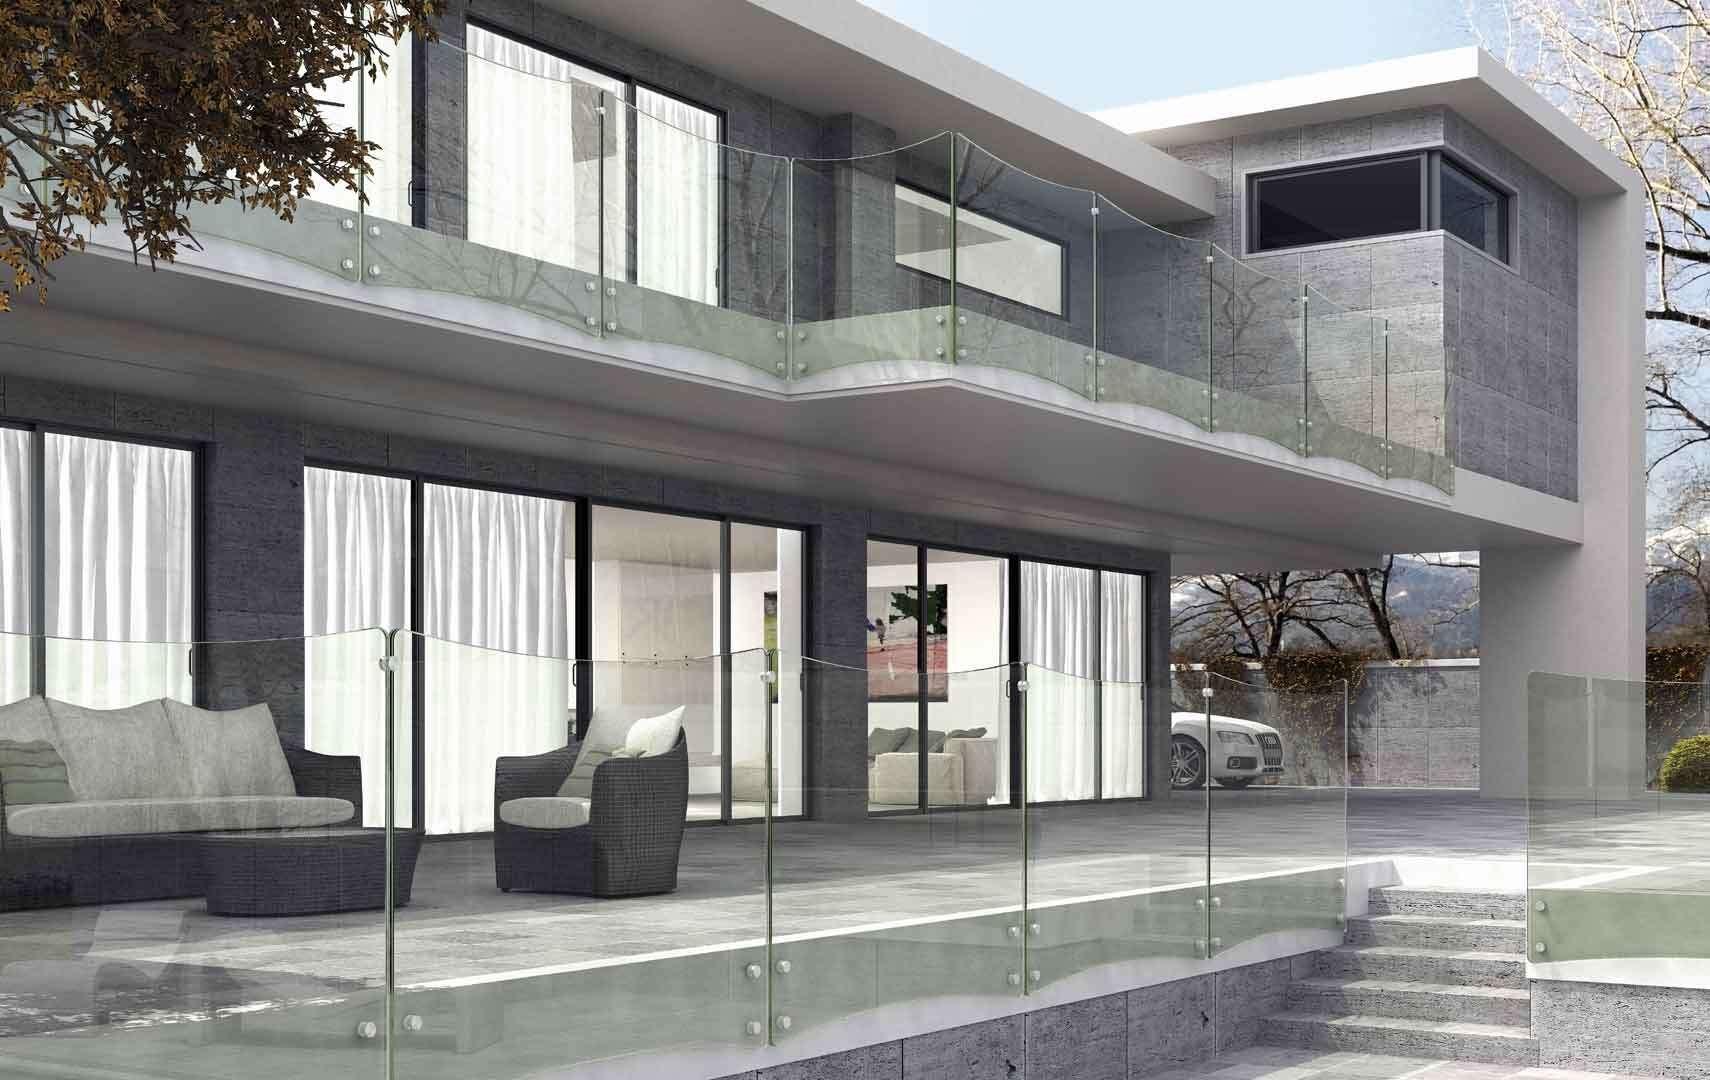 Conosciuto ᐅ Ringhiere per scale interne, le puoi trovare in legno e in vetro. UE77